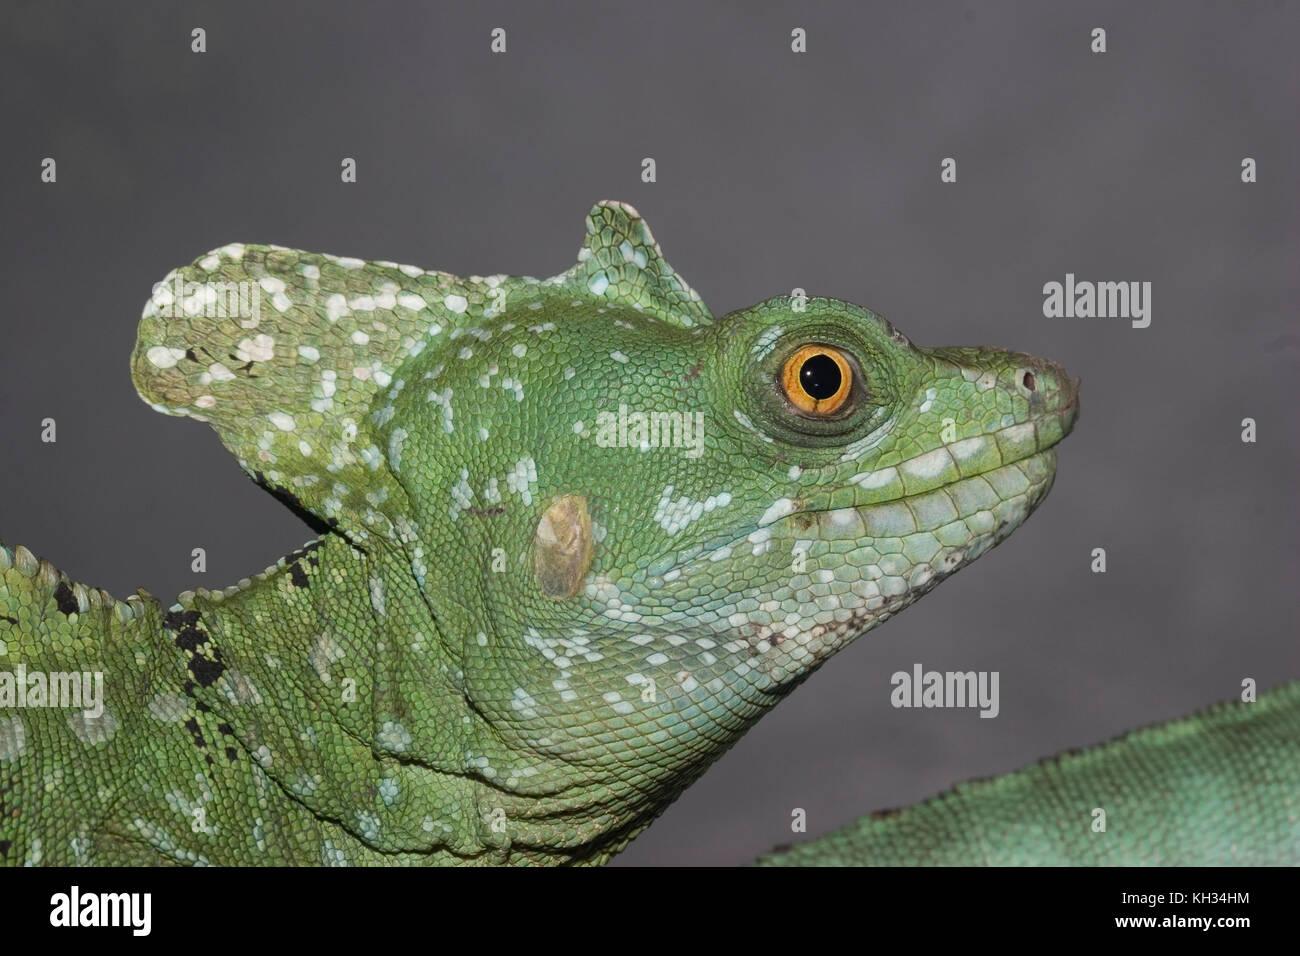 Plumed Basilisk, Basiliscus plumifrons Stock Photo